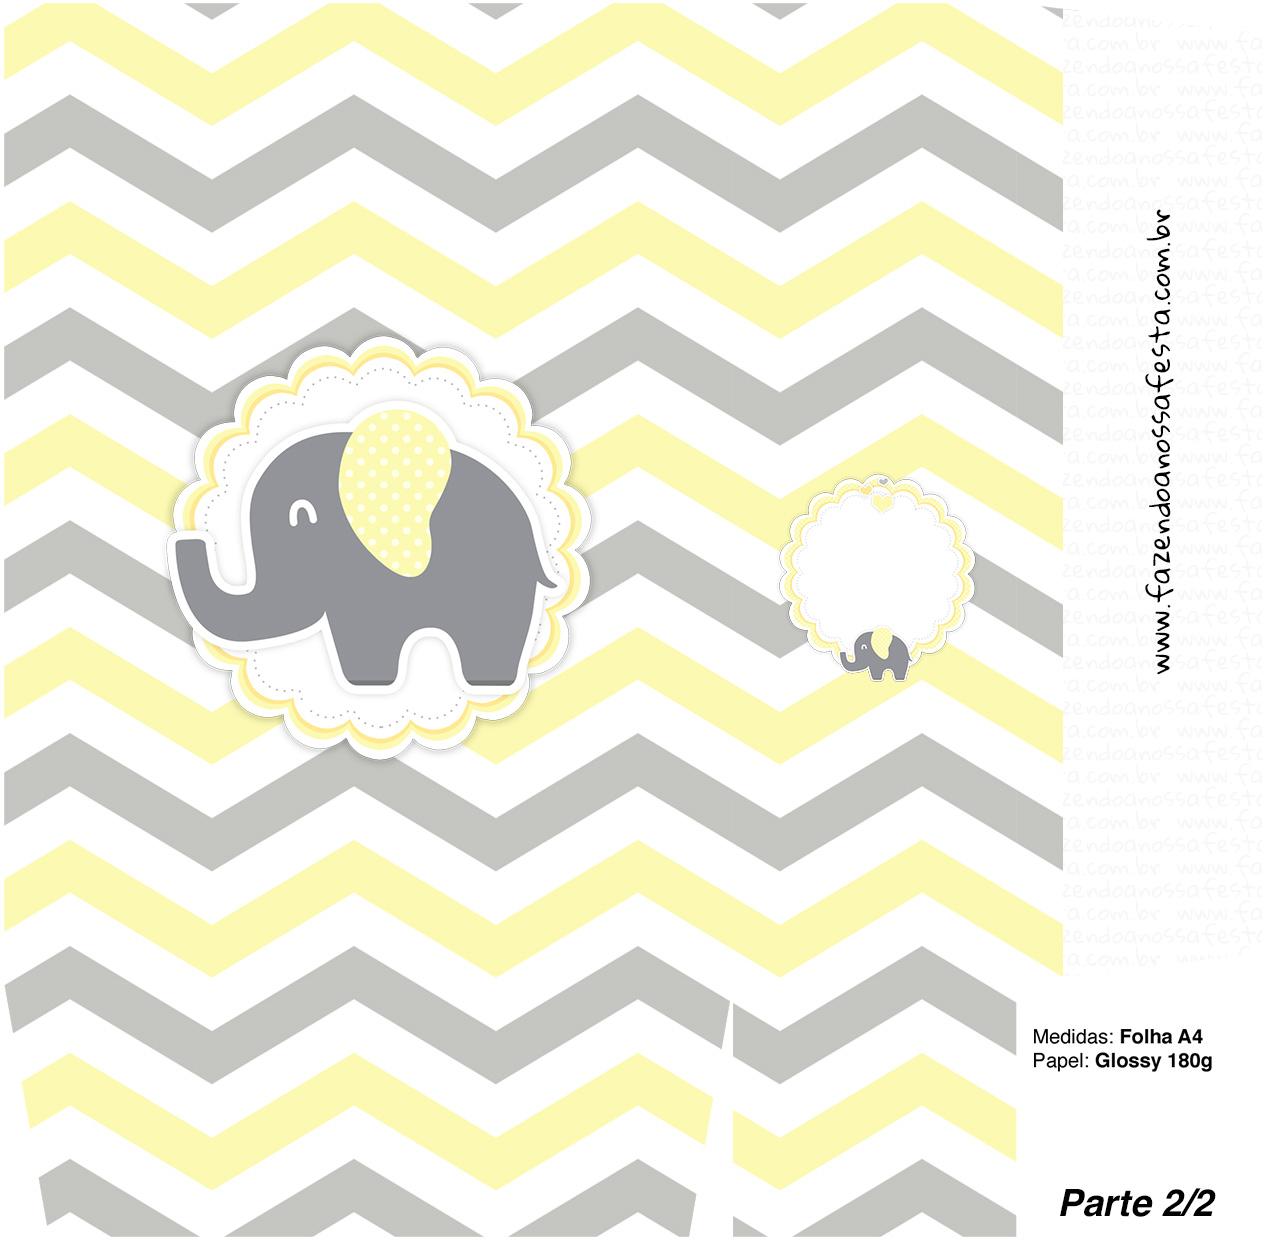 Sacolinha Surpresa 2 2 Elefantinho Chevron Amarelo e Cinza Kit Festa